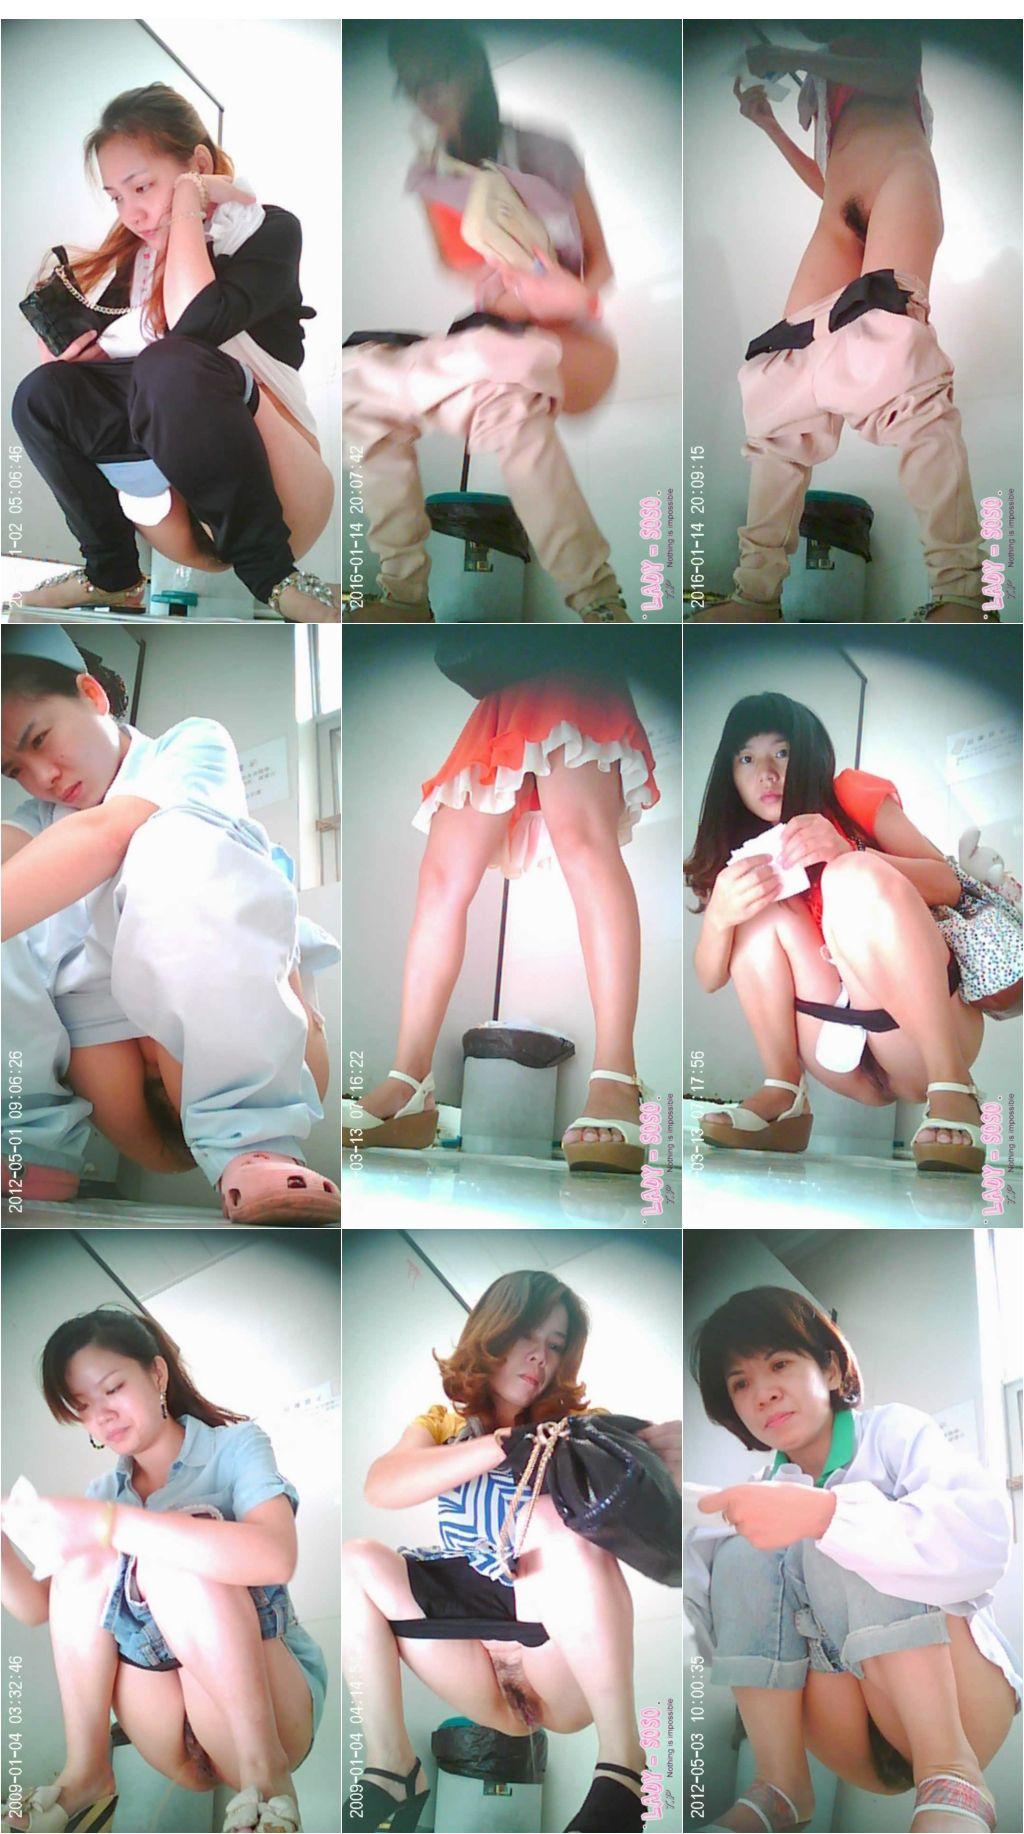 http://amazing-av.com/IMG/Toilet_in_the_shopping_center_9.jpeg